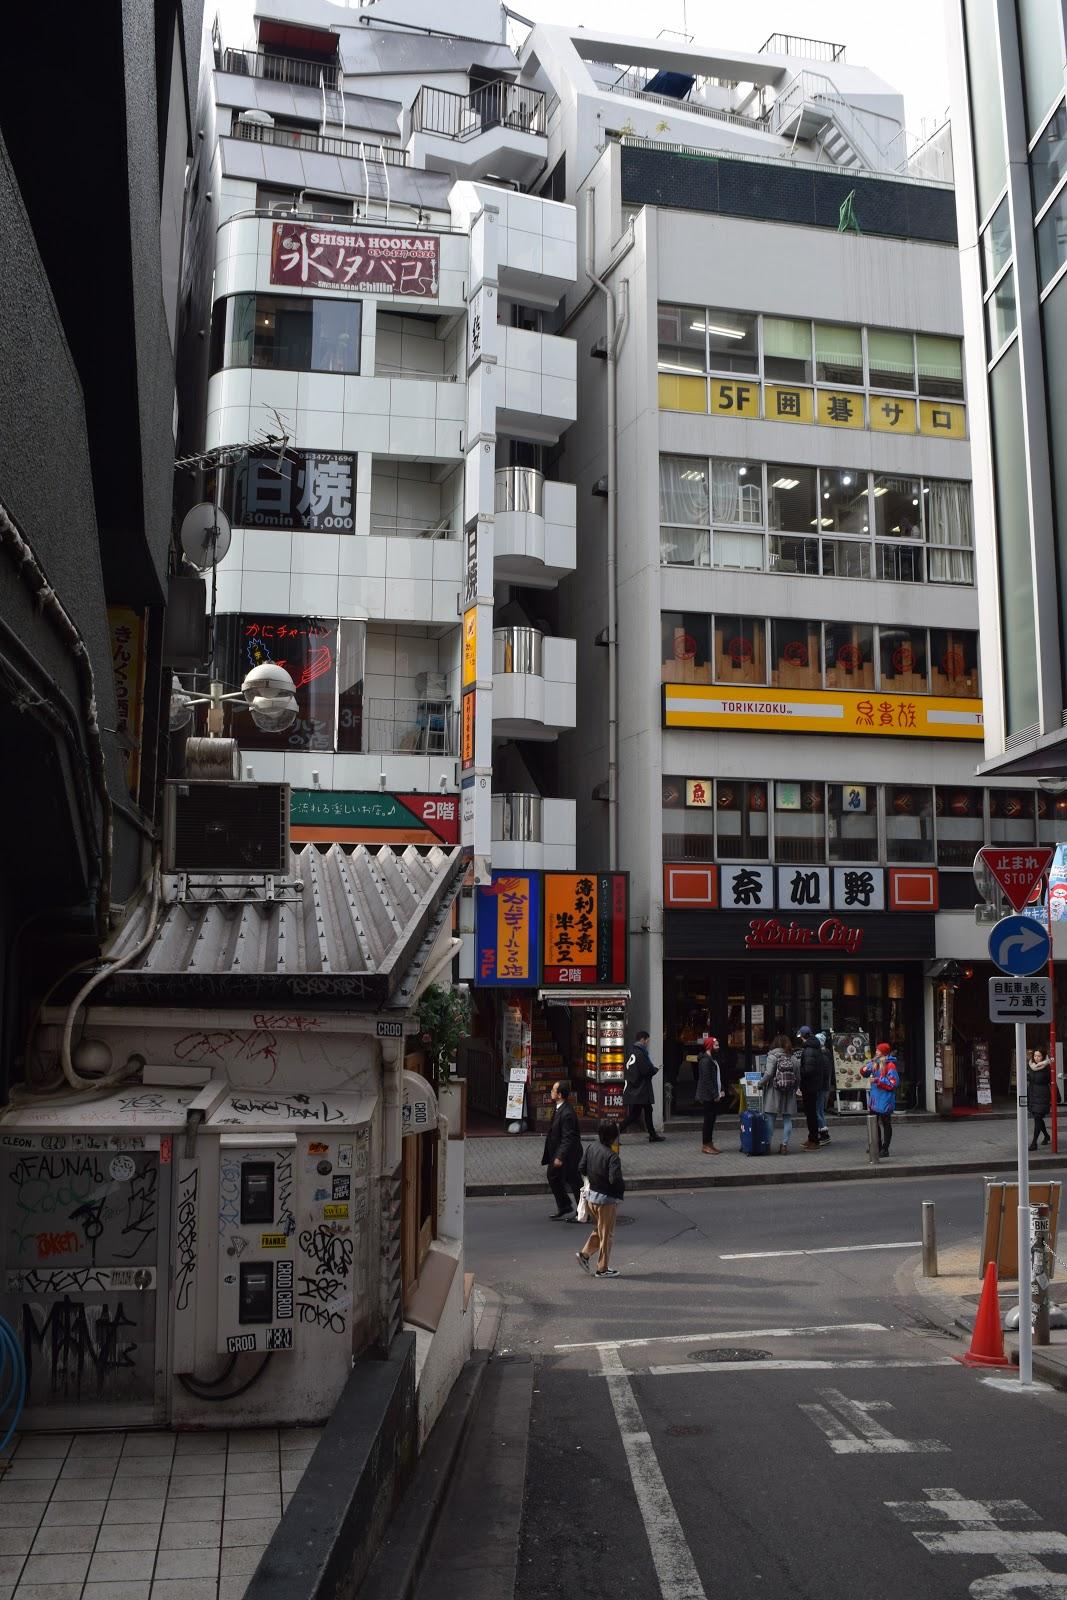 graffiti in Shibuya Tokyo